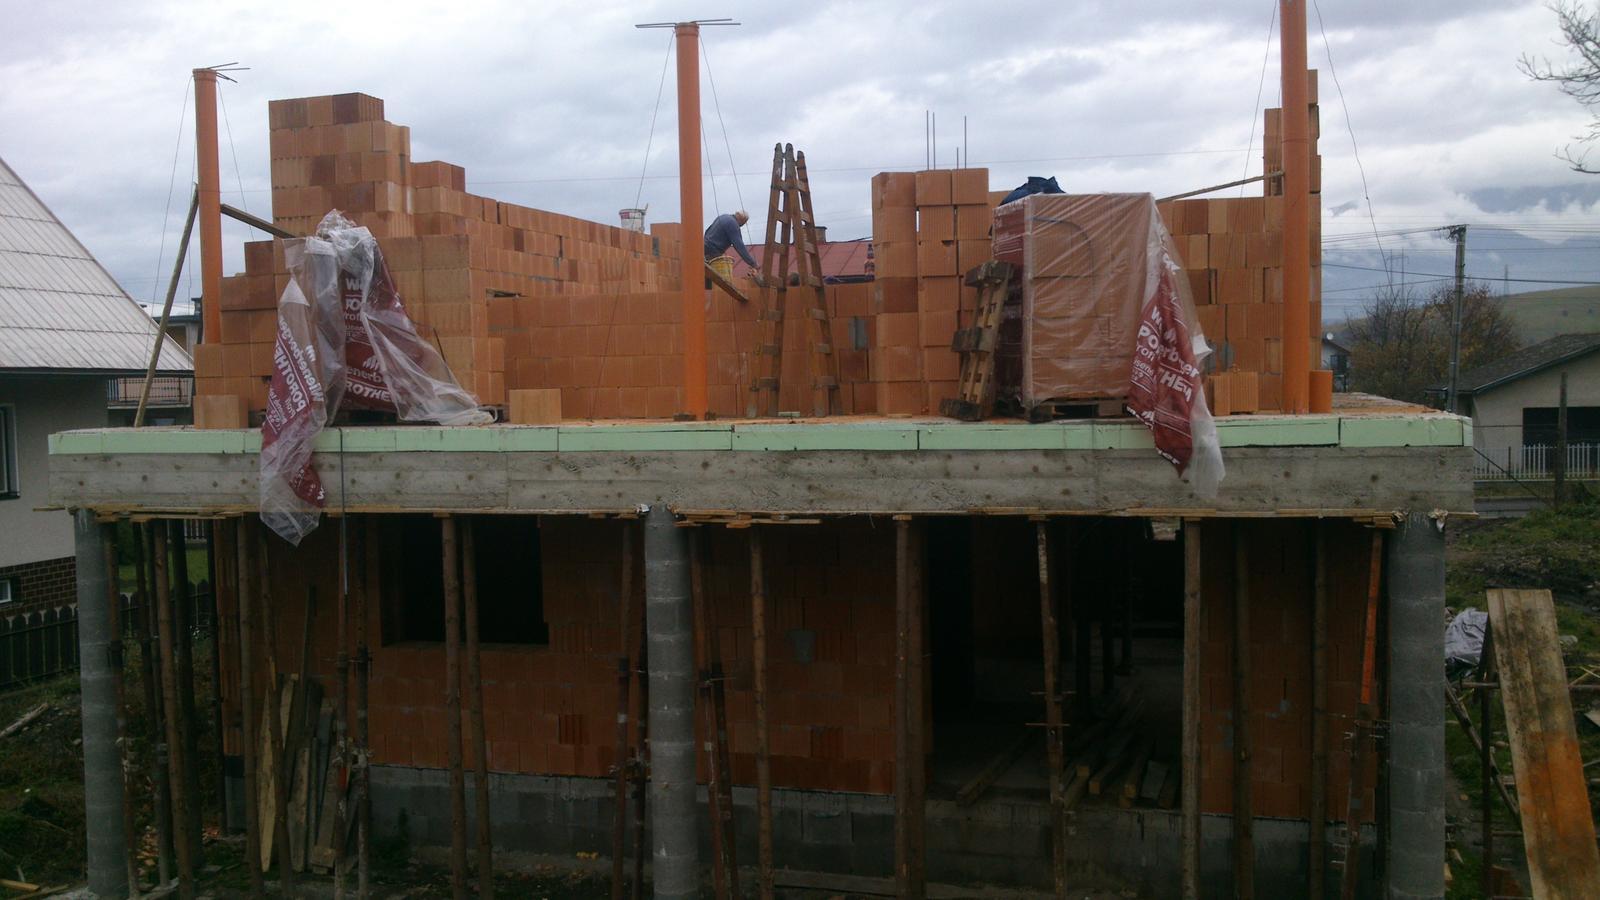 Sen, ktorý sa volá náš domček - Ha, všetky zadné stĺpy stoja.